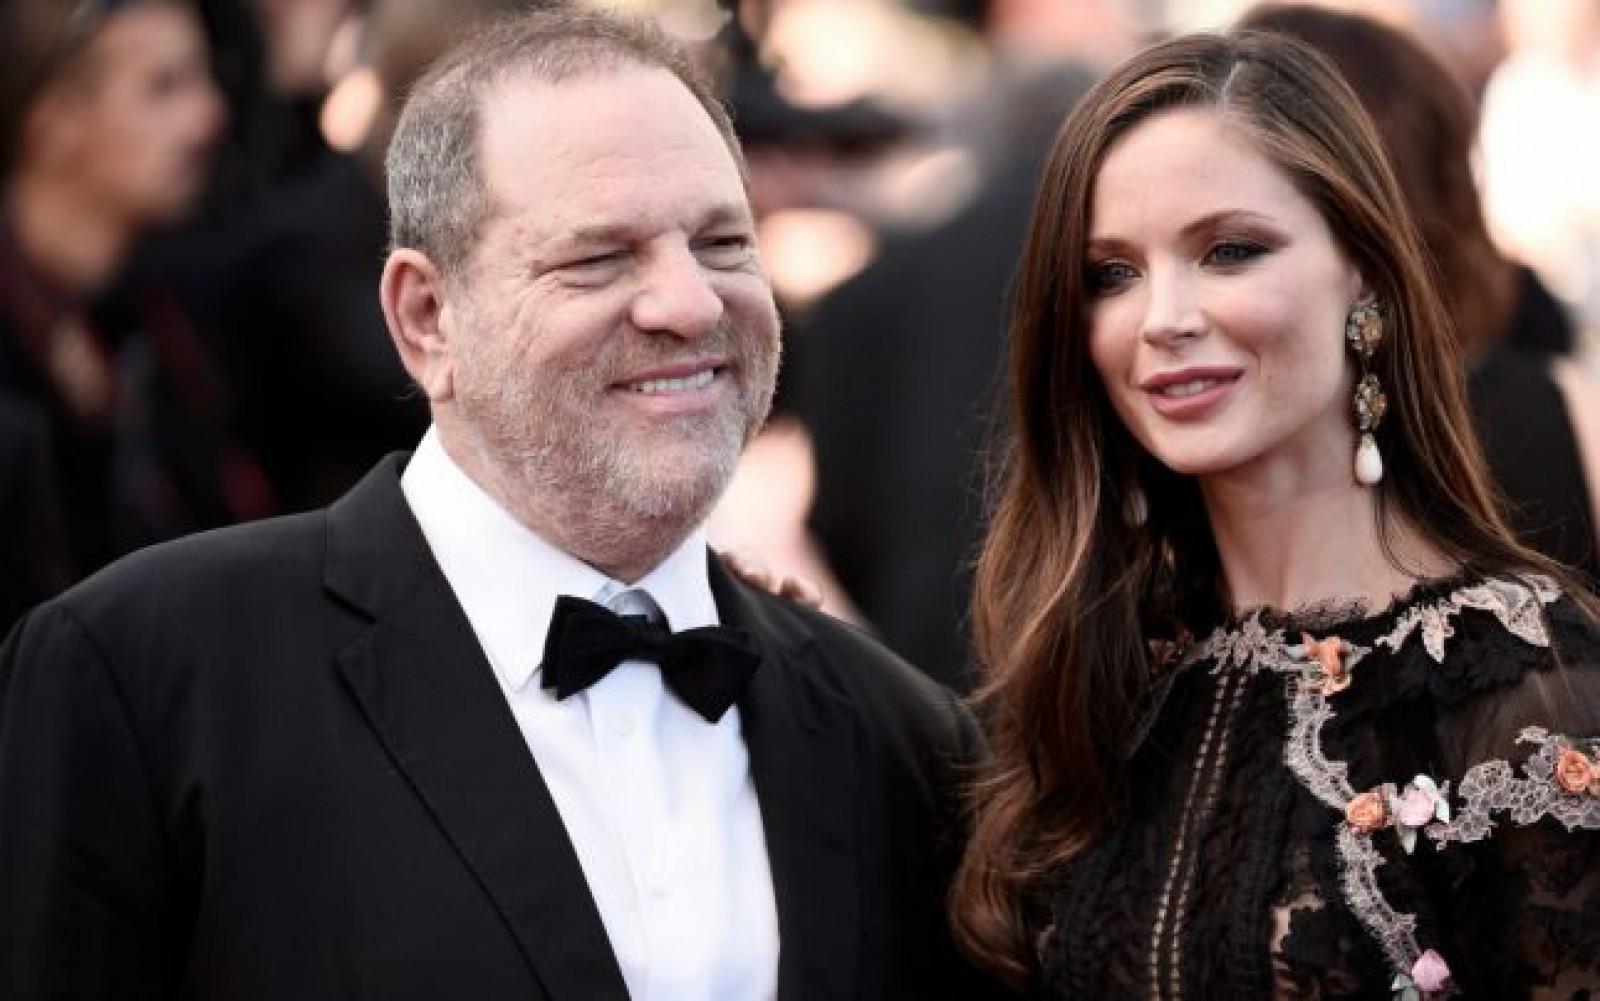 Soția lui Harvey Weinstein a povestit cum a slăbit 5 kilograme în 5 zile, după izbucnirea scandalului de la Hollywood